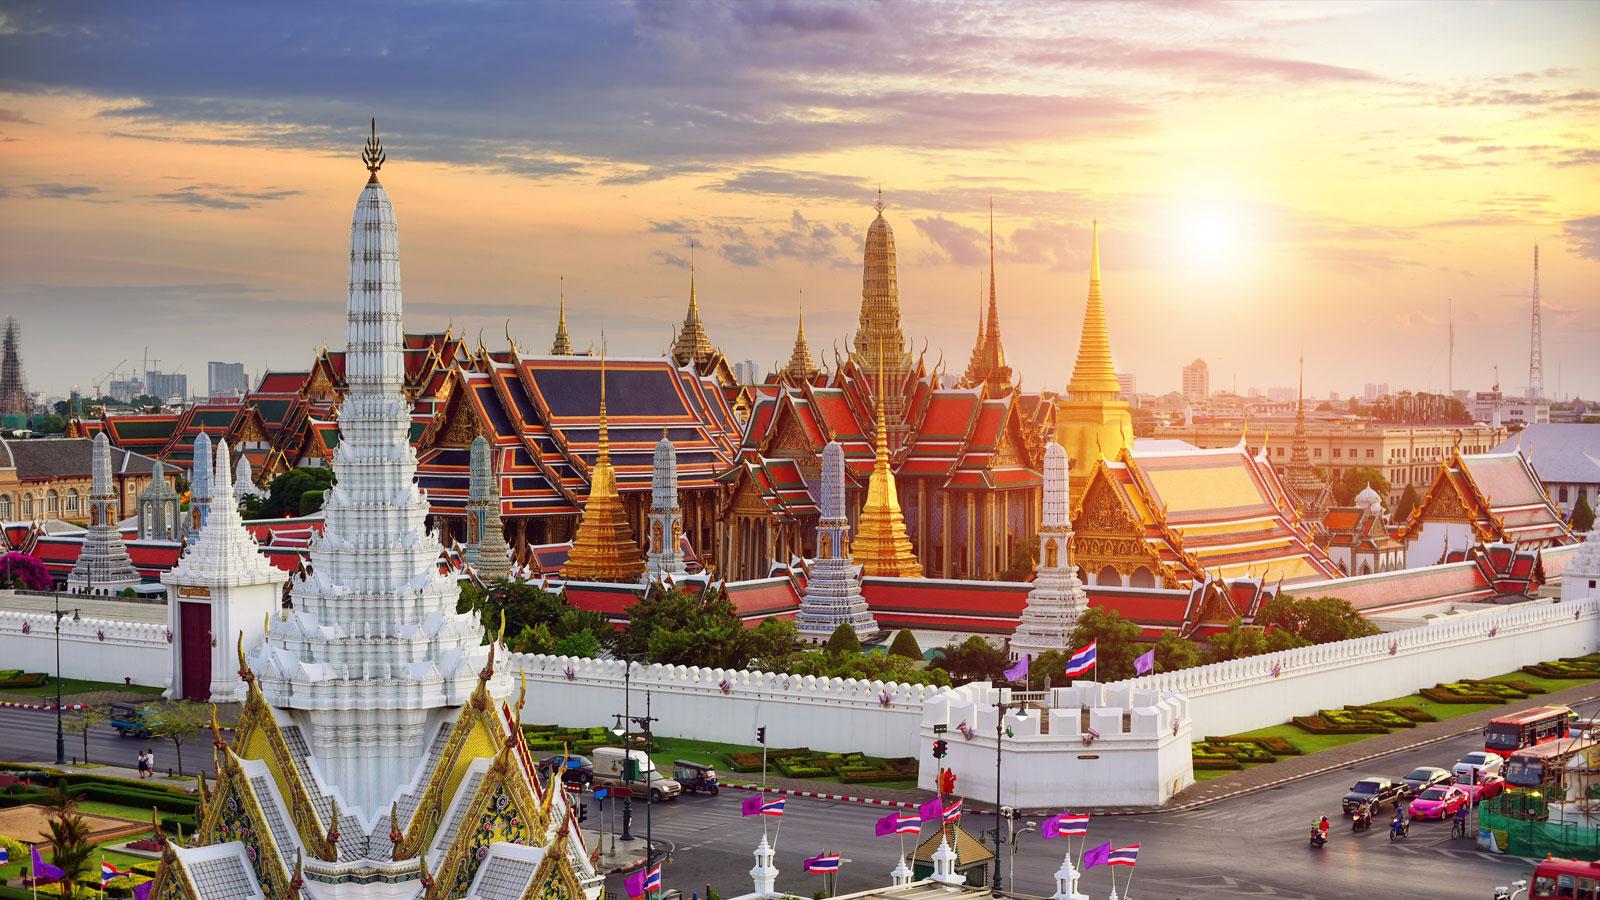 bangkok holiday package with flights